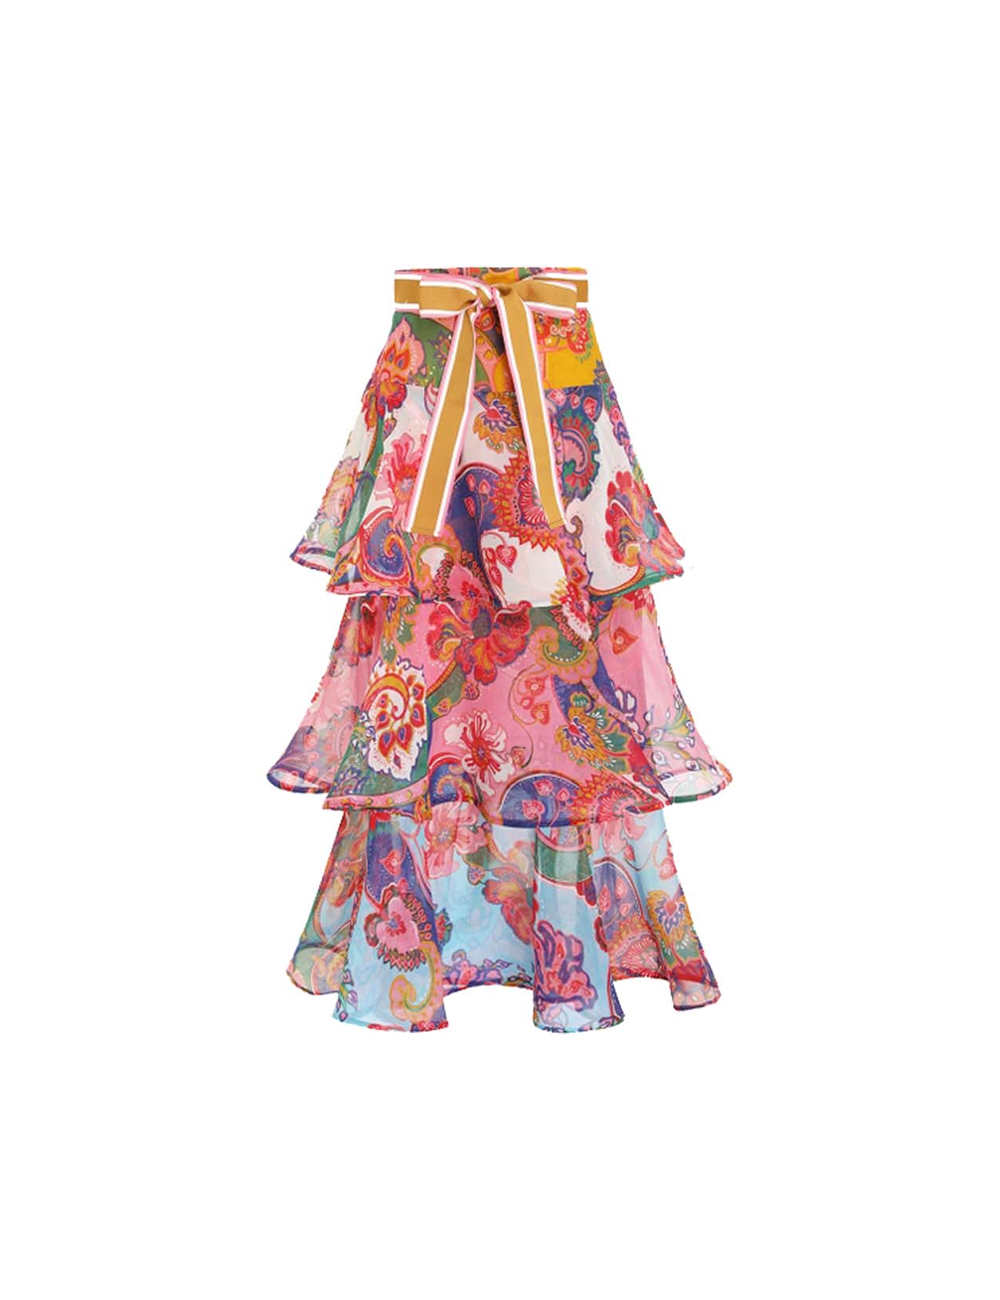 Lovestruck Skirt with flounces Zimmermann - BIG BOSS MEGEVE